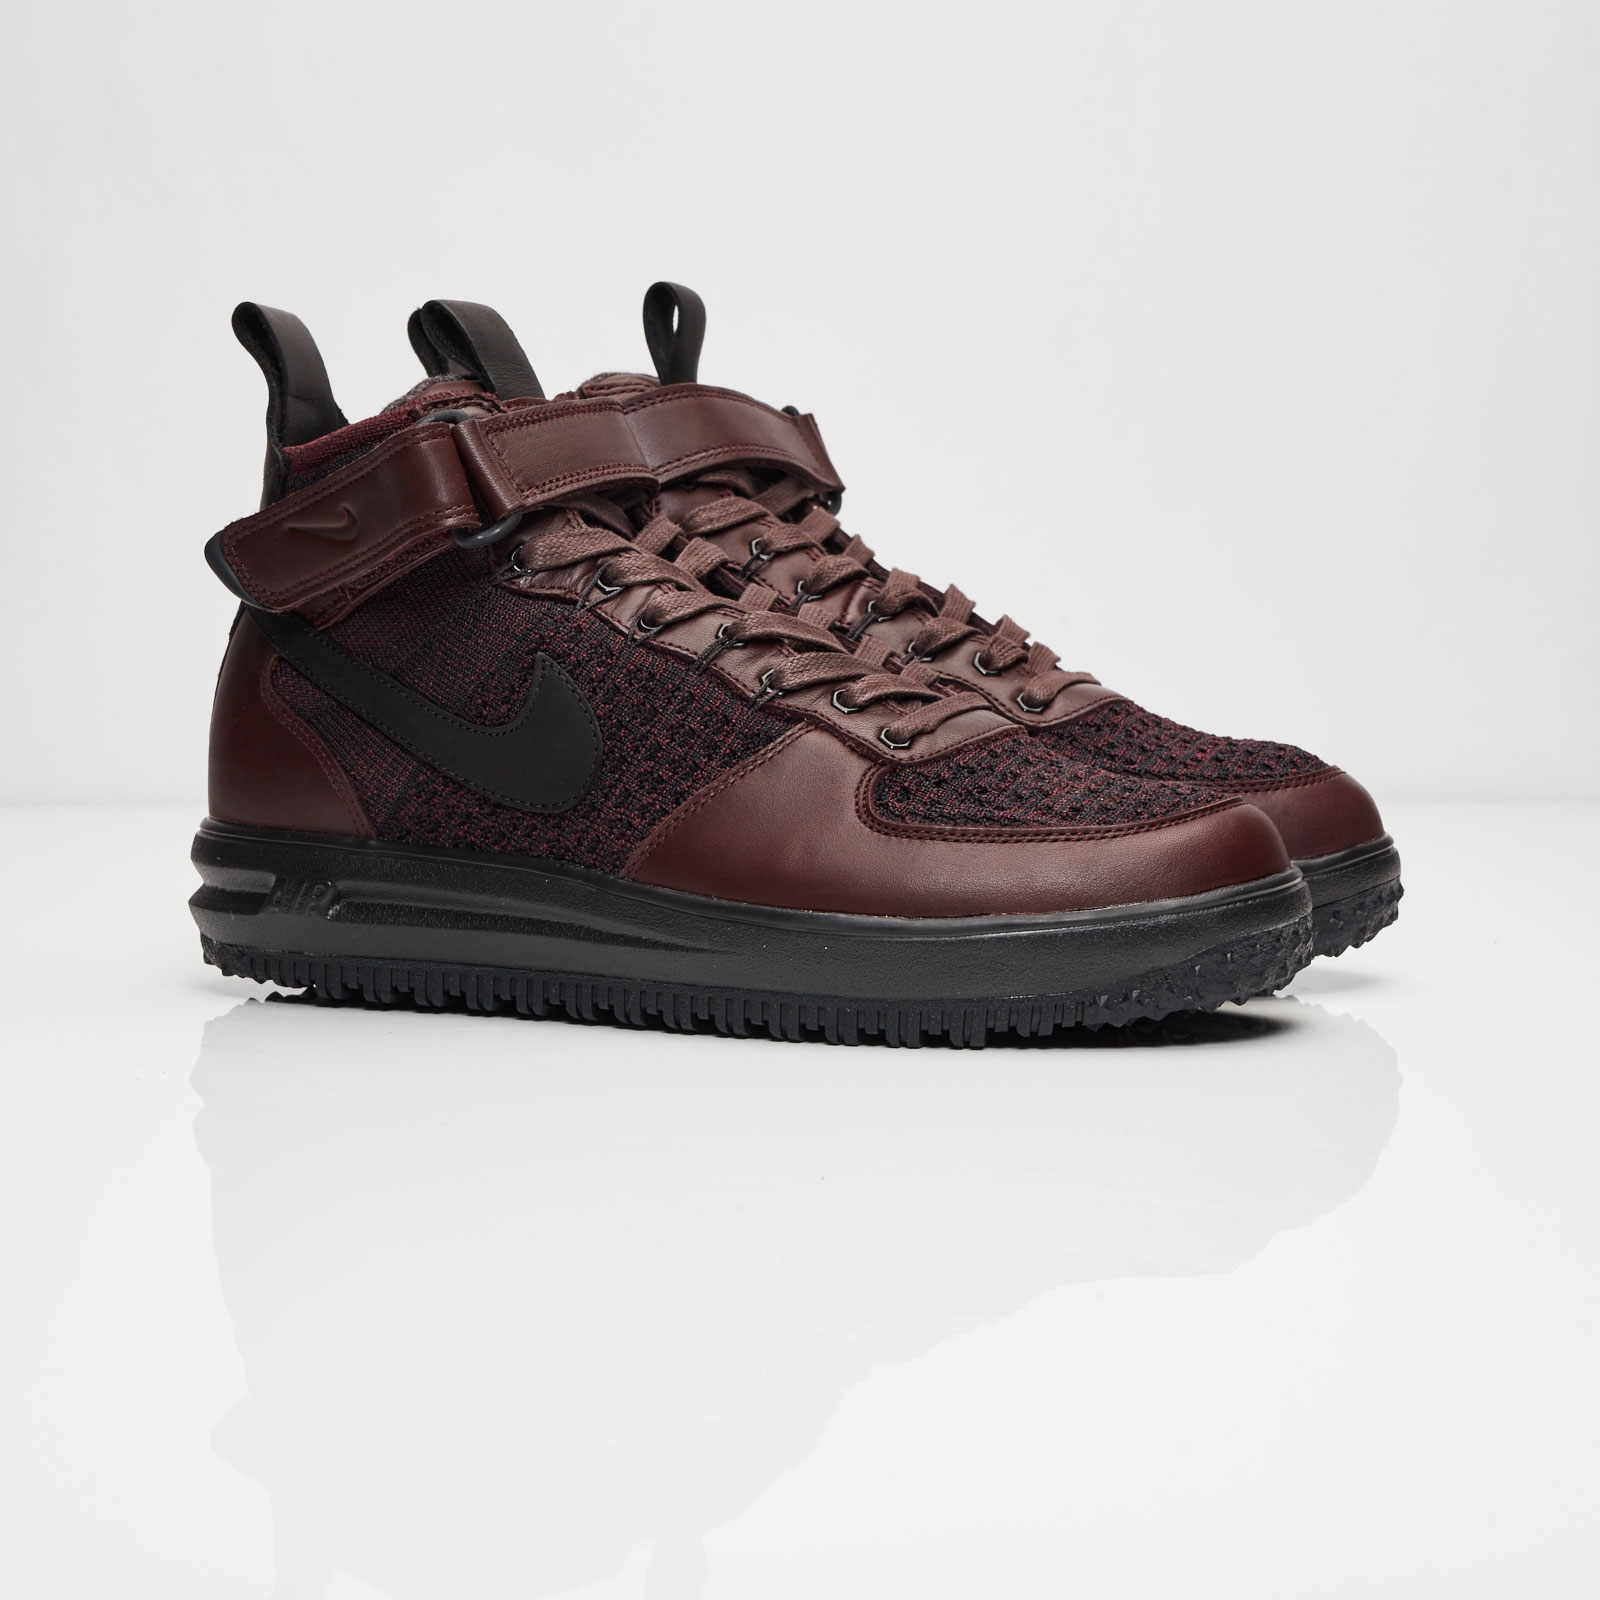 sports shoes 47082 6fede Nike Lunar Force 1 Flyknit Workboot